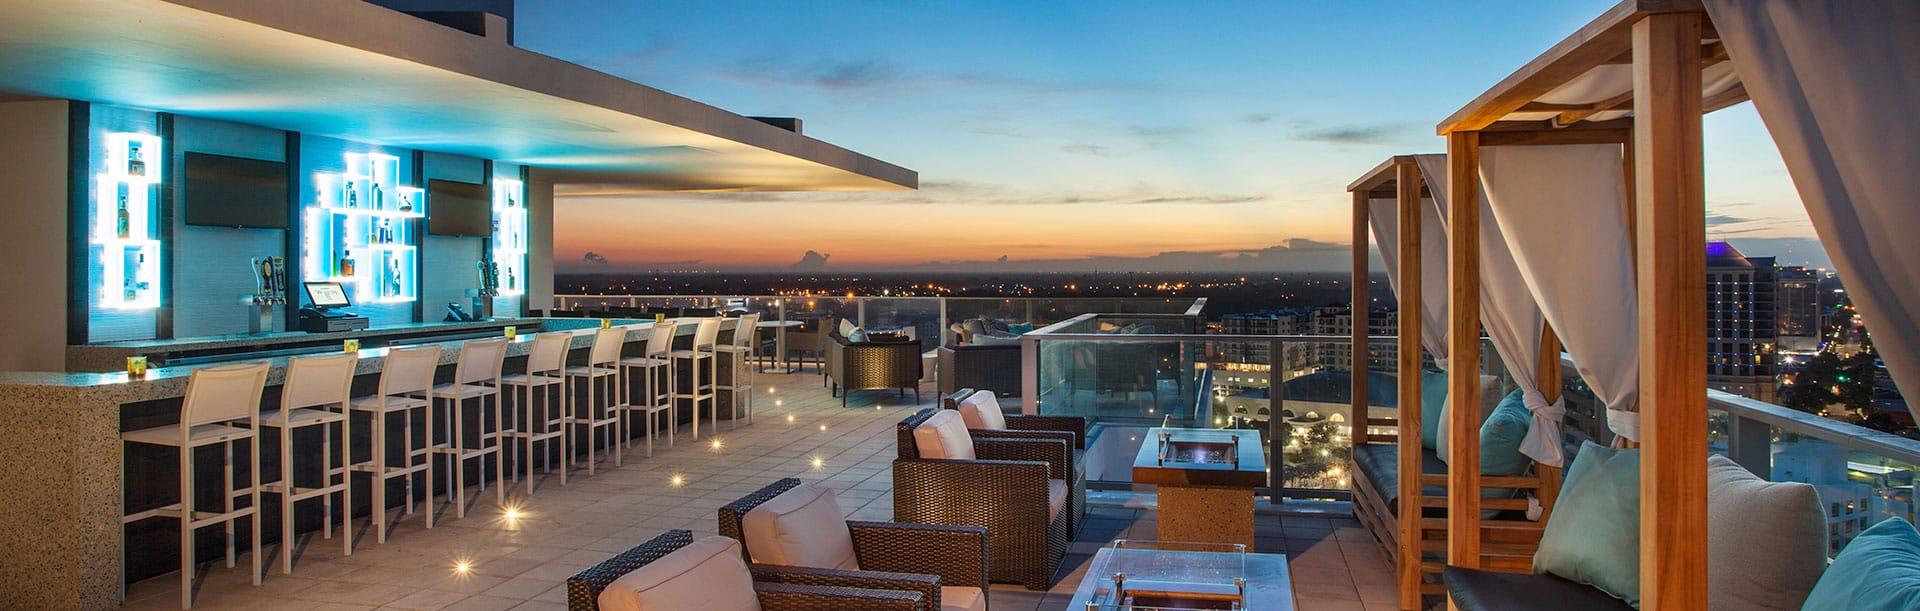 Kolter Rooftop Deck